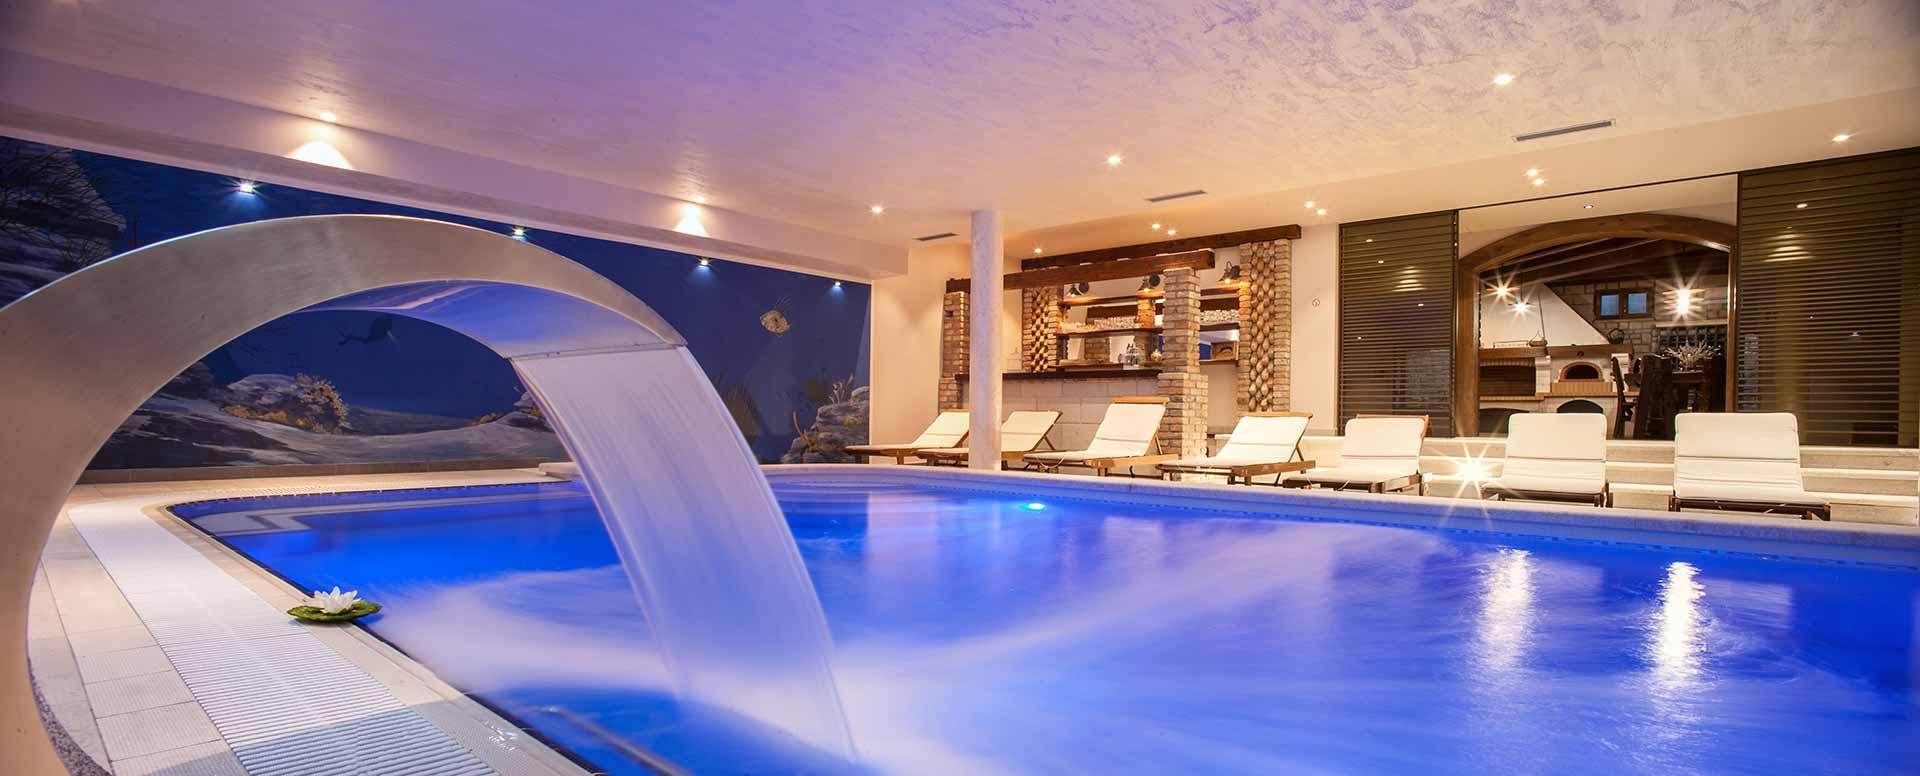 Billige Schlafzimmer mit schöne stil für ihr wohnideen